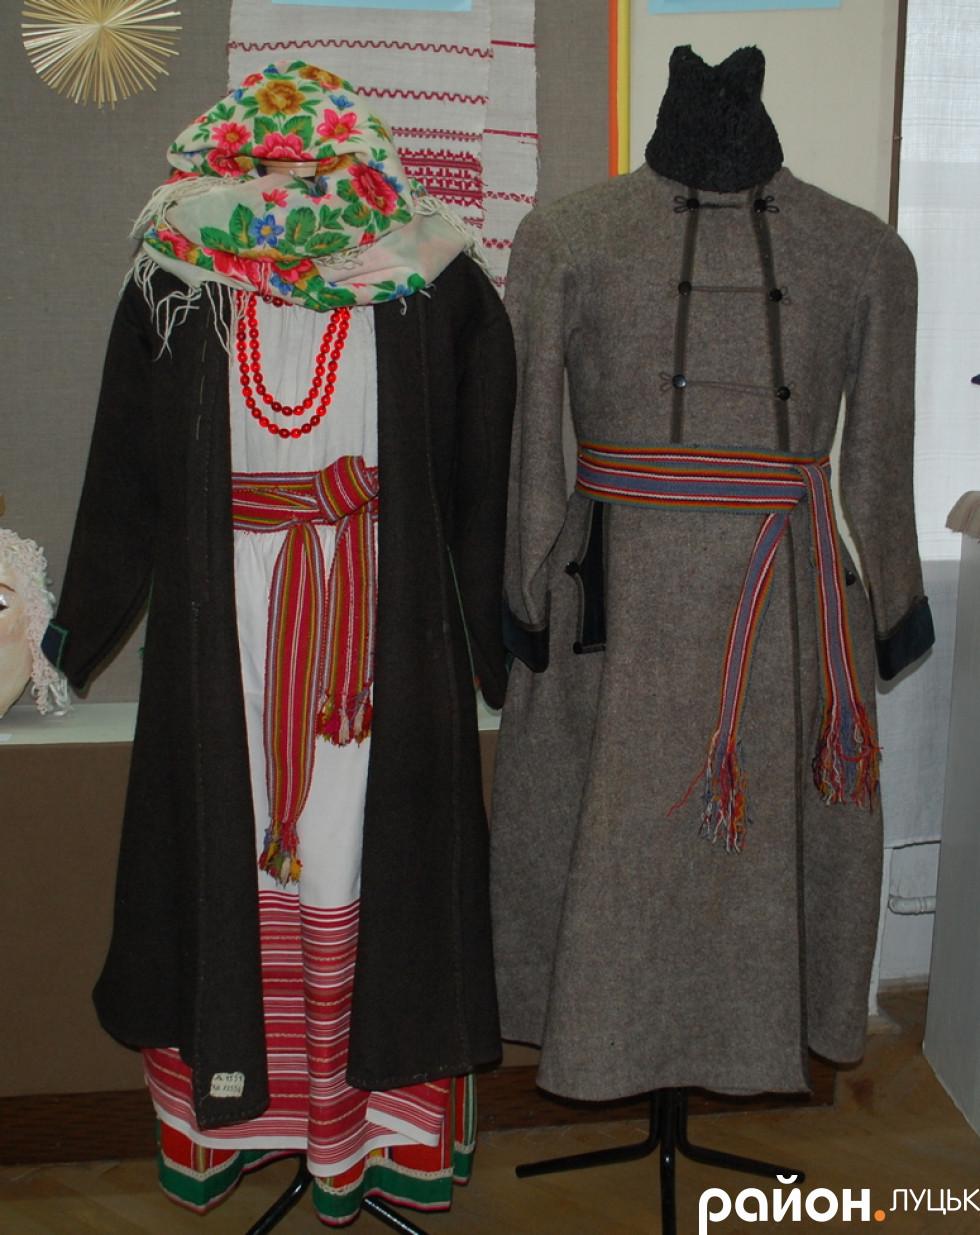 Святковий одяг, в якому колядували